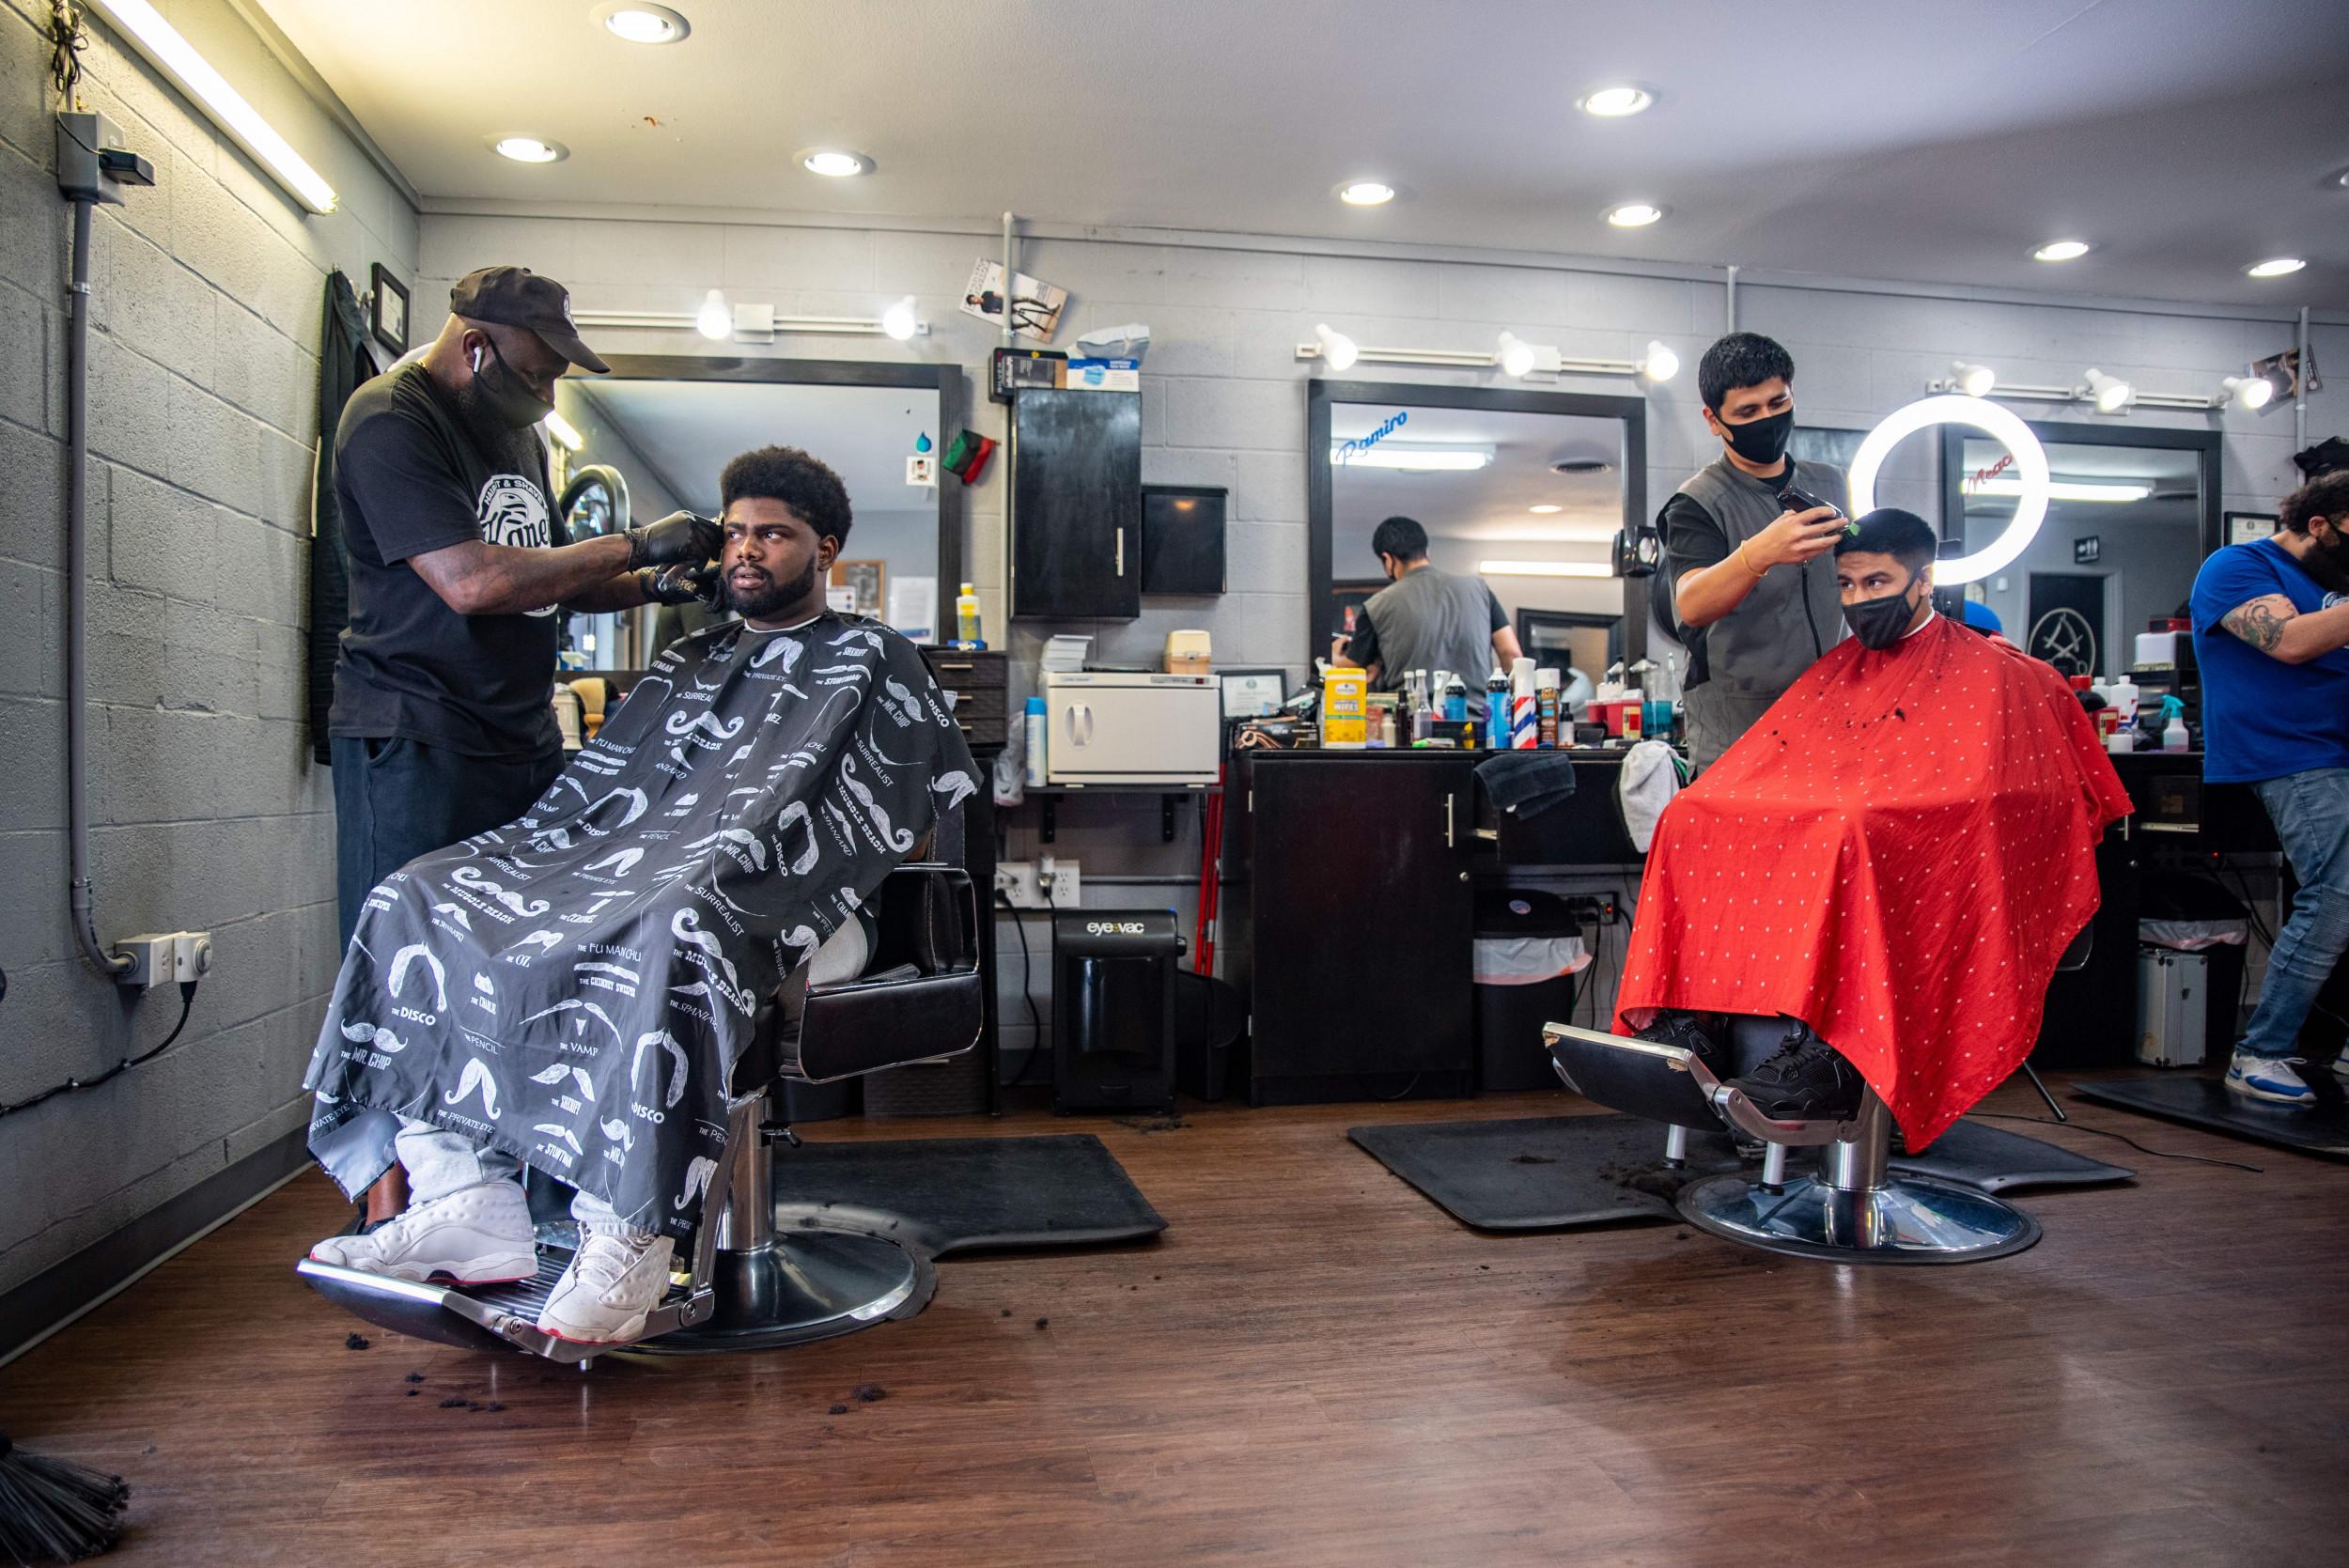 Gofundme Raises More Than 500 000 For Dallas Hair Salon